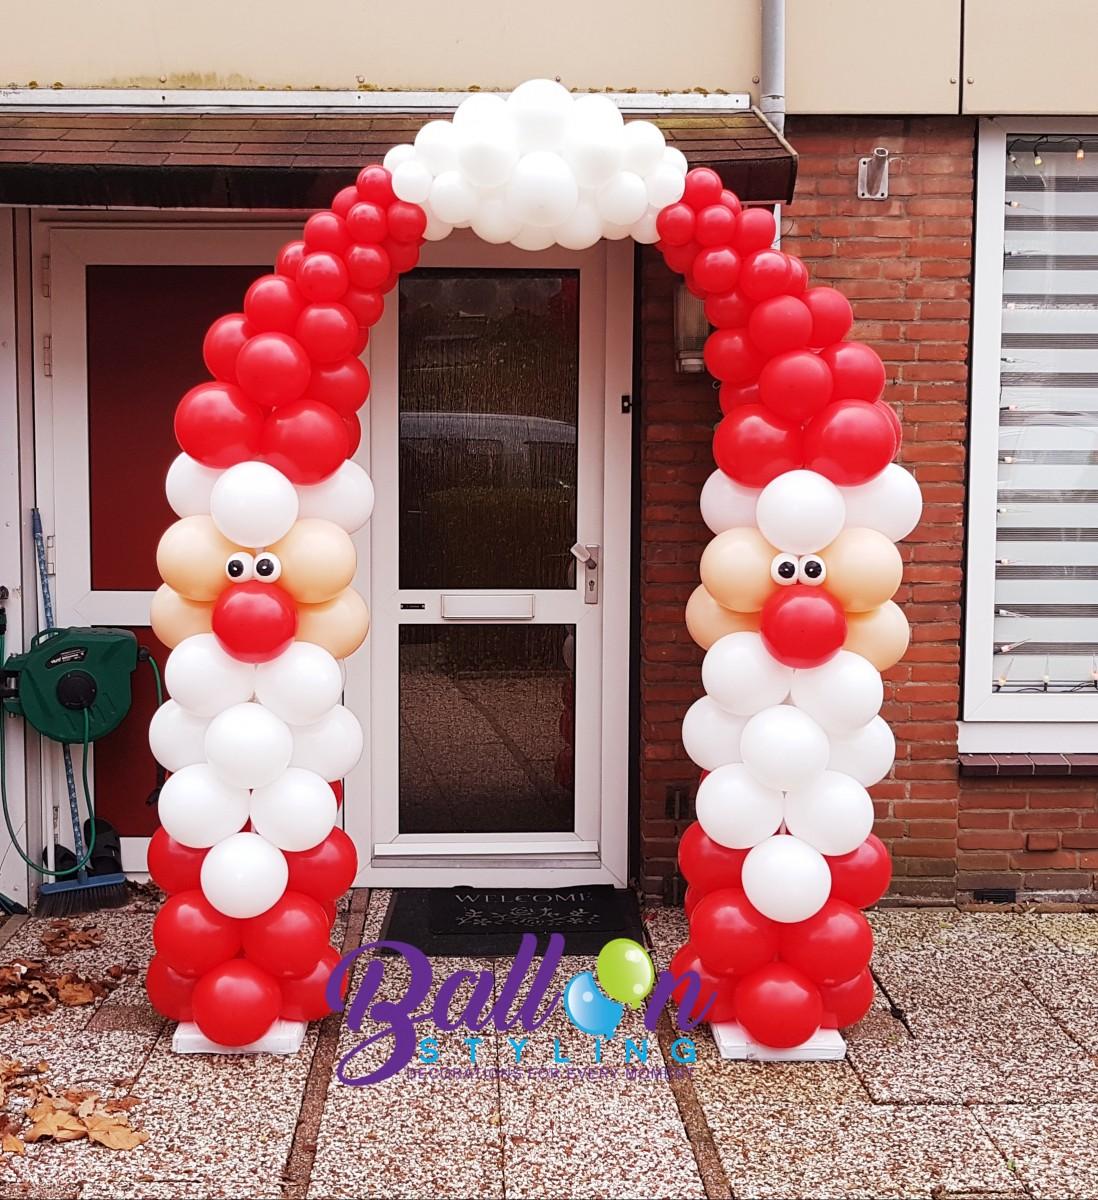 Balloon Styling Tilburg ballonnenboog ballonboog kerstman ballonnen Tilburg